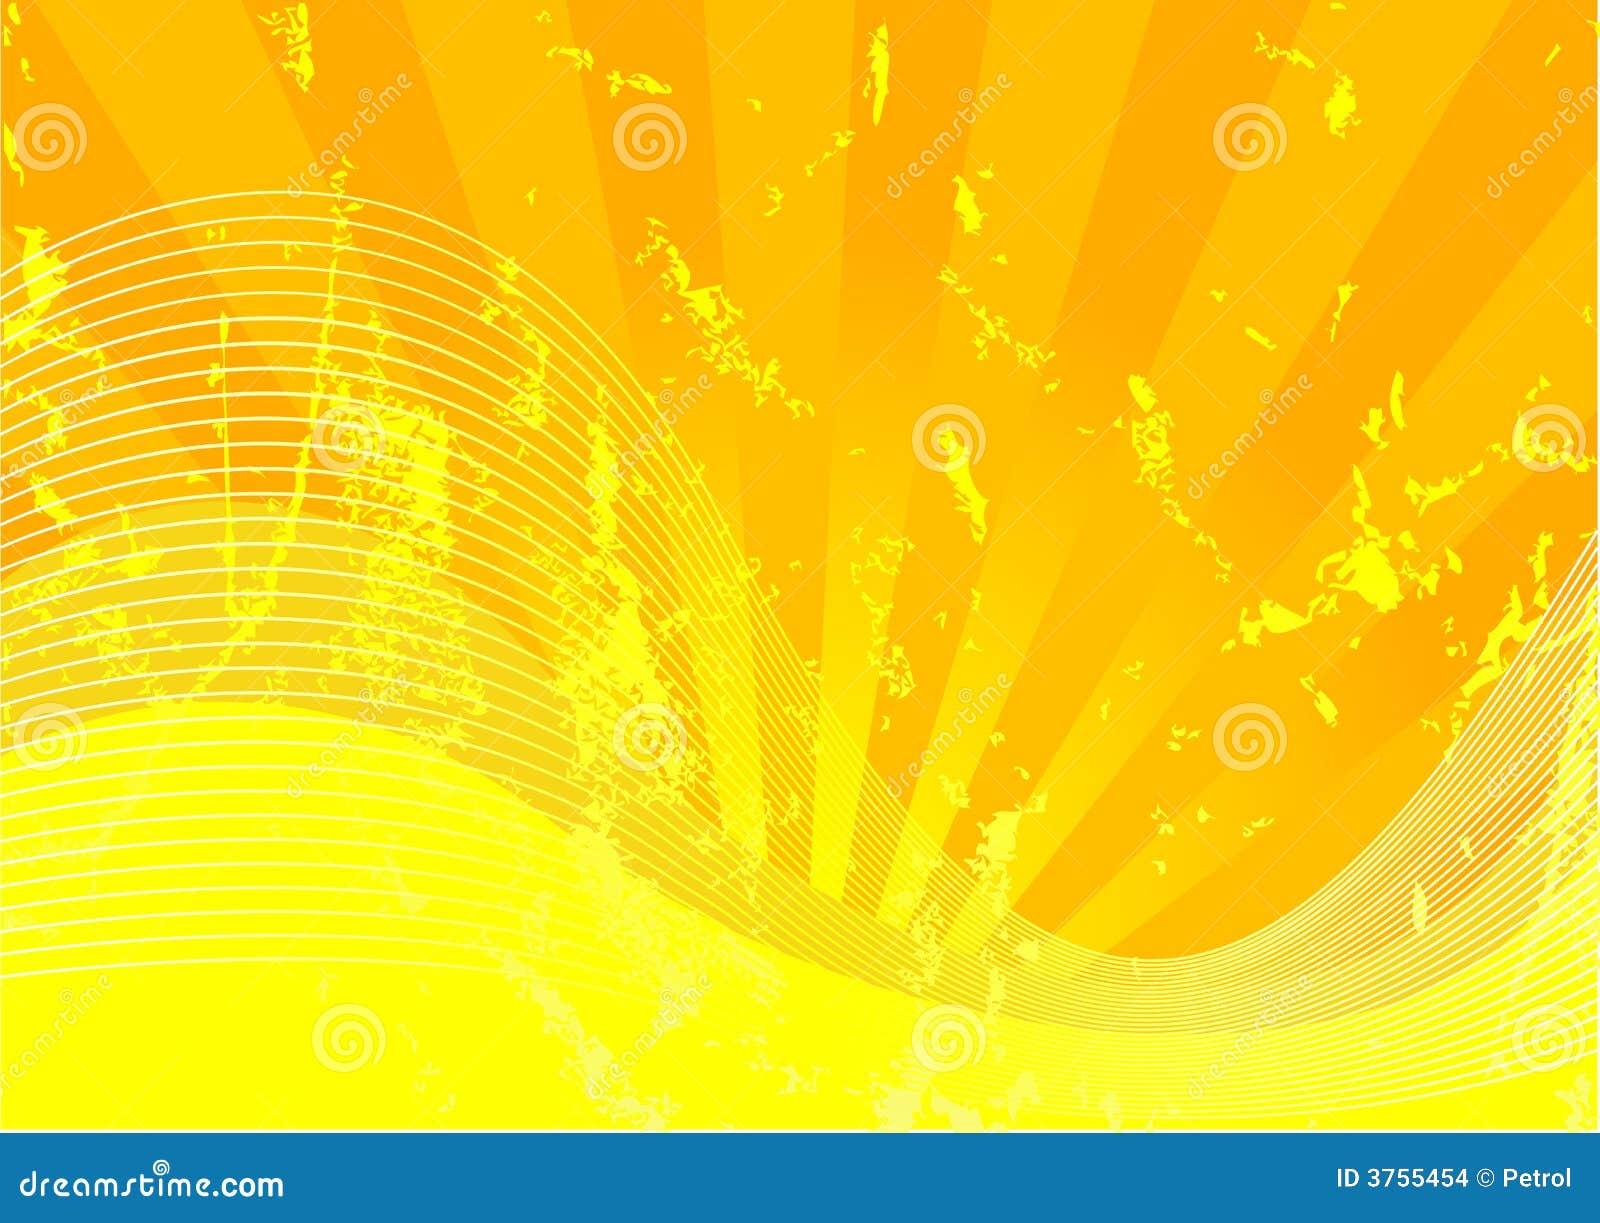 Grunge黄色